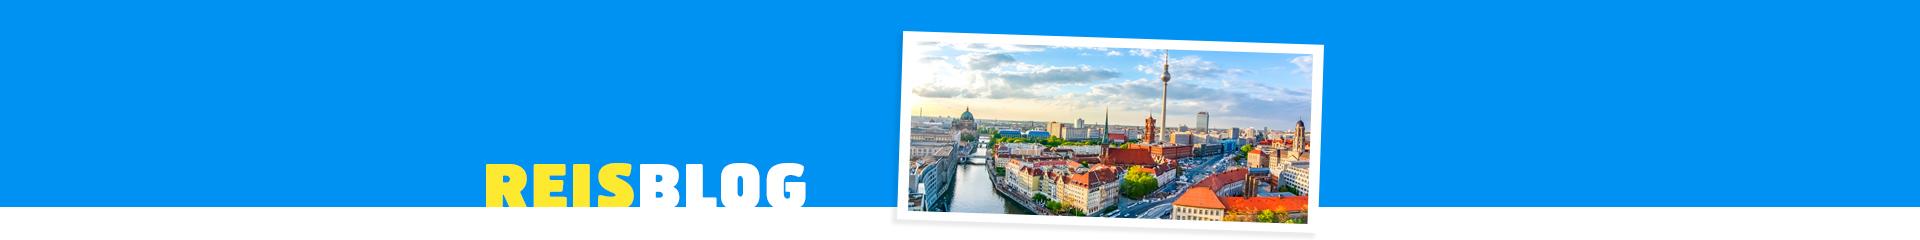 Panoramisch uitzicht over Berlijn, de stad die je blijft verbazen